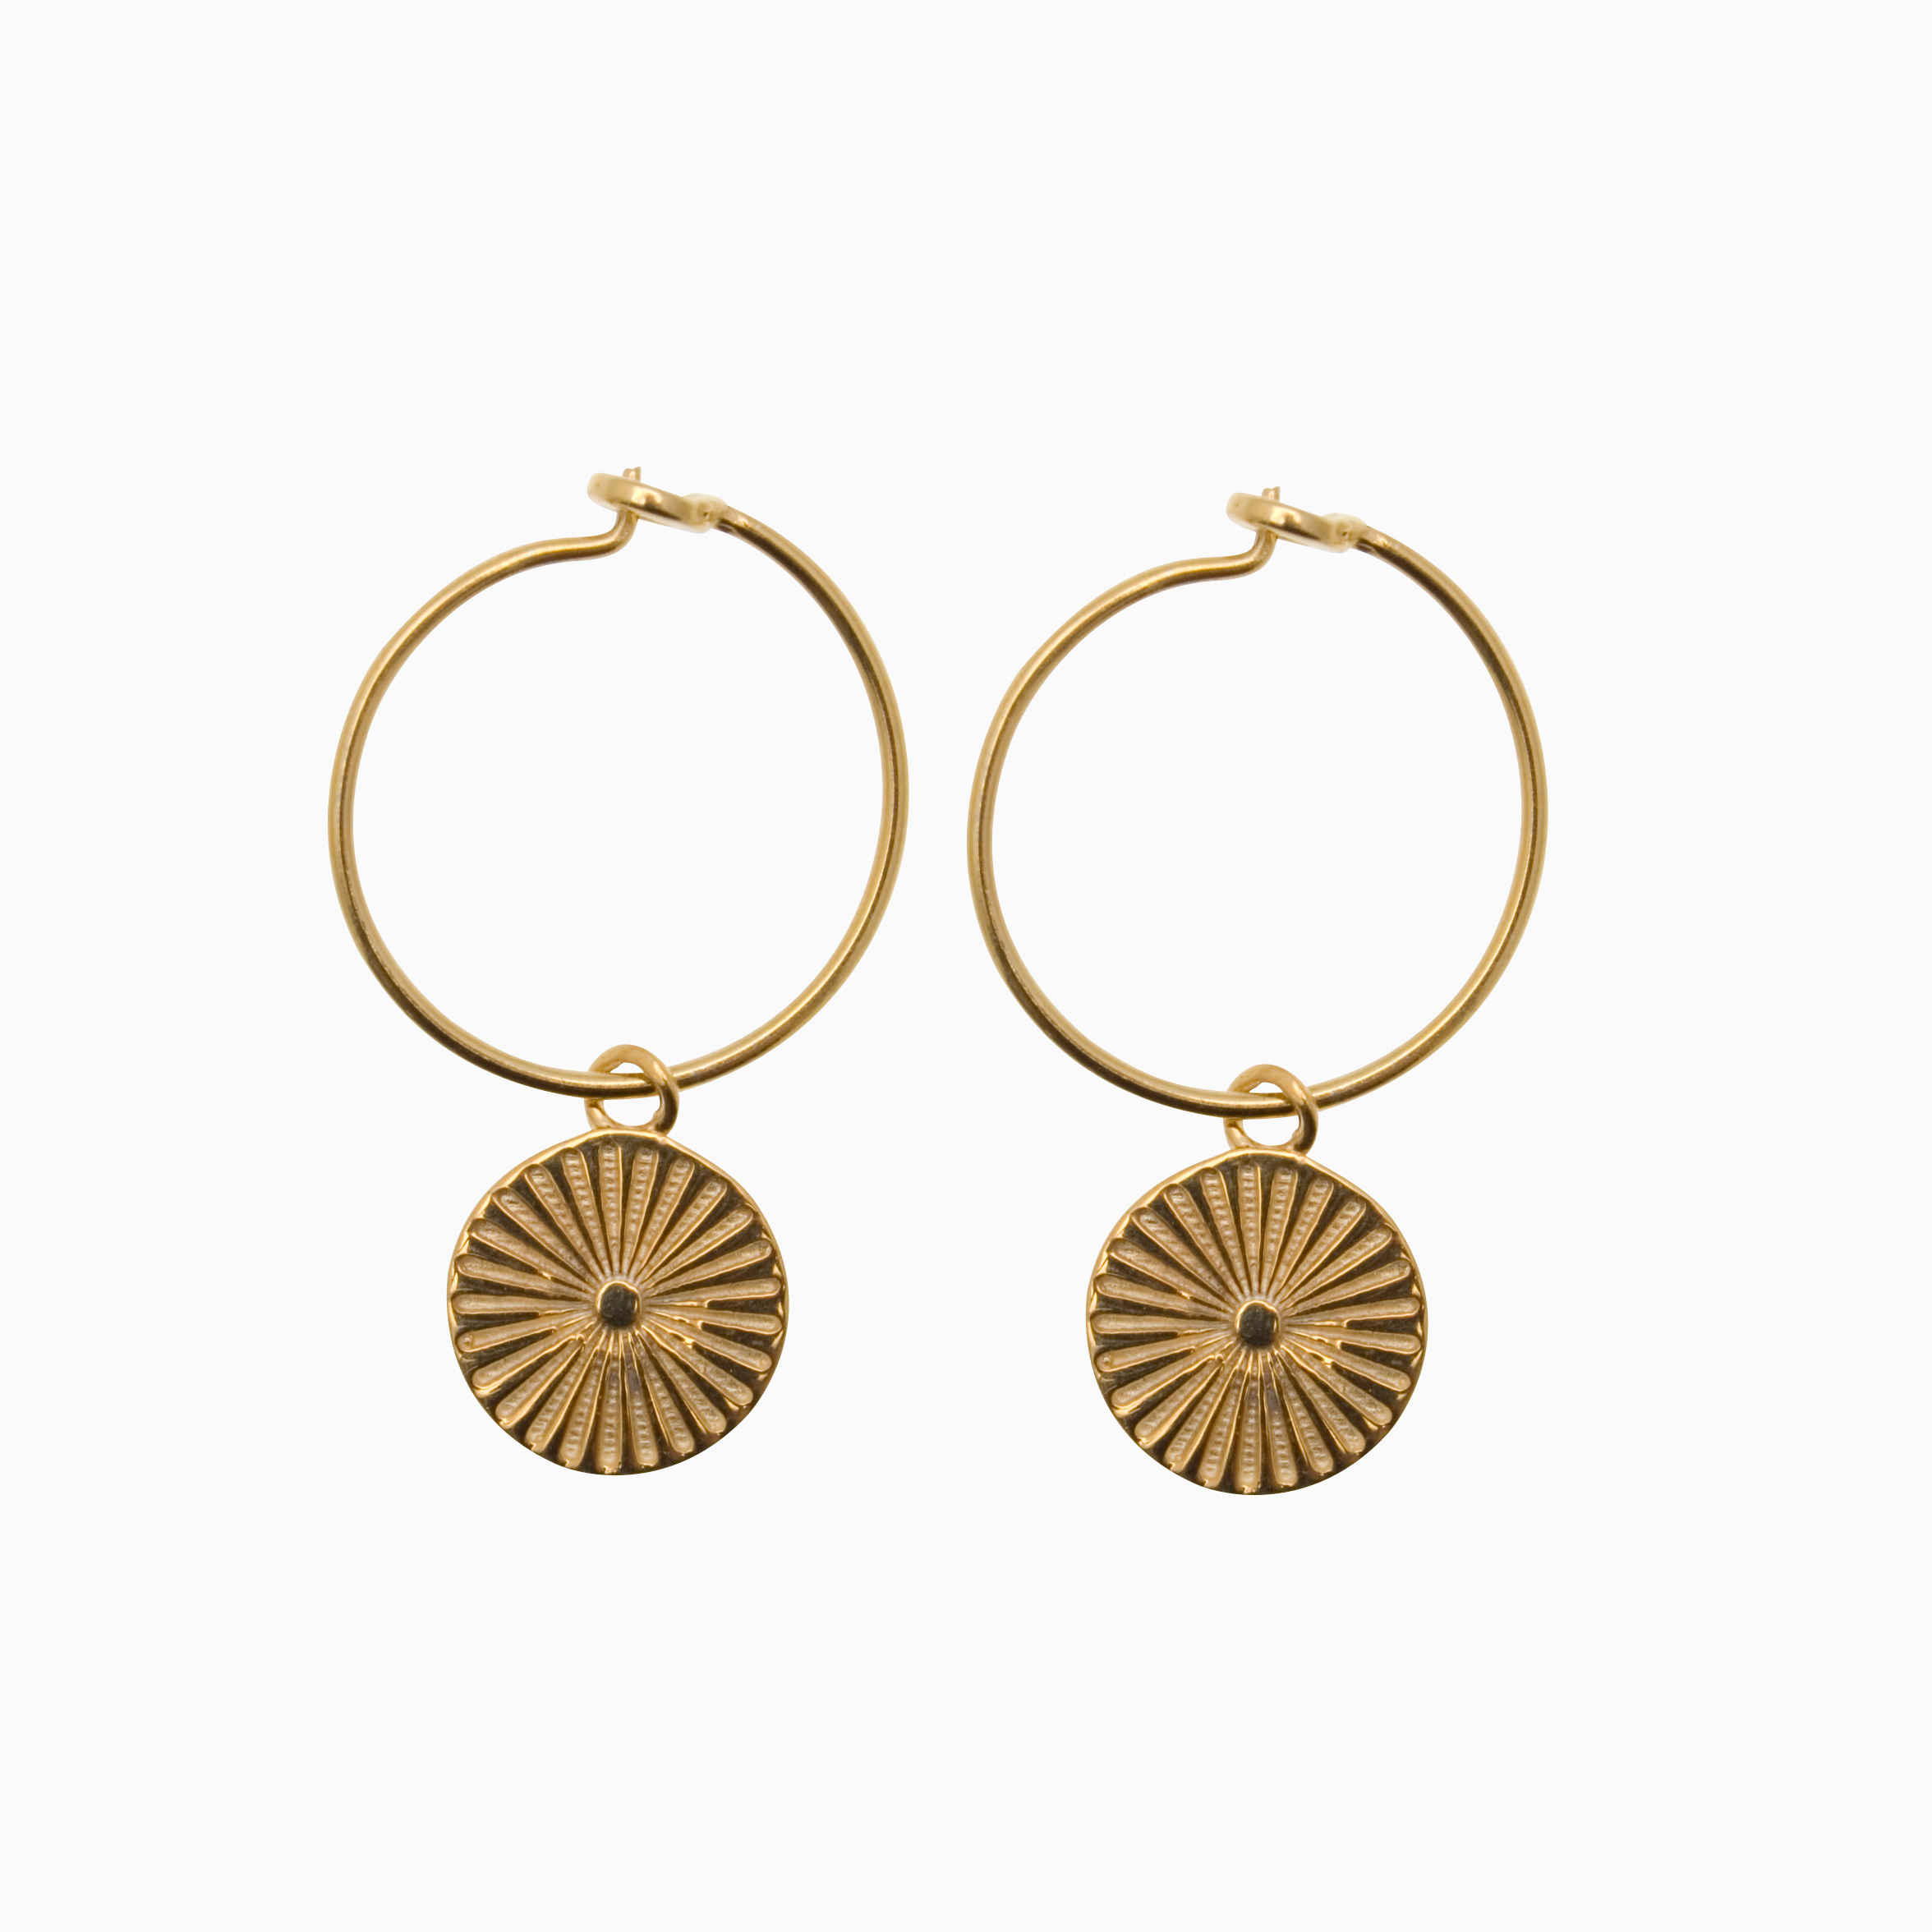 Runde creol øreringe med mønter, guld | no. 765